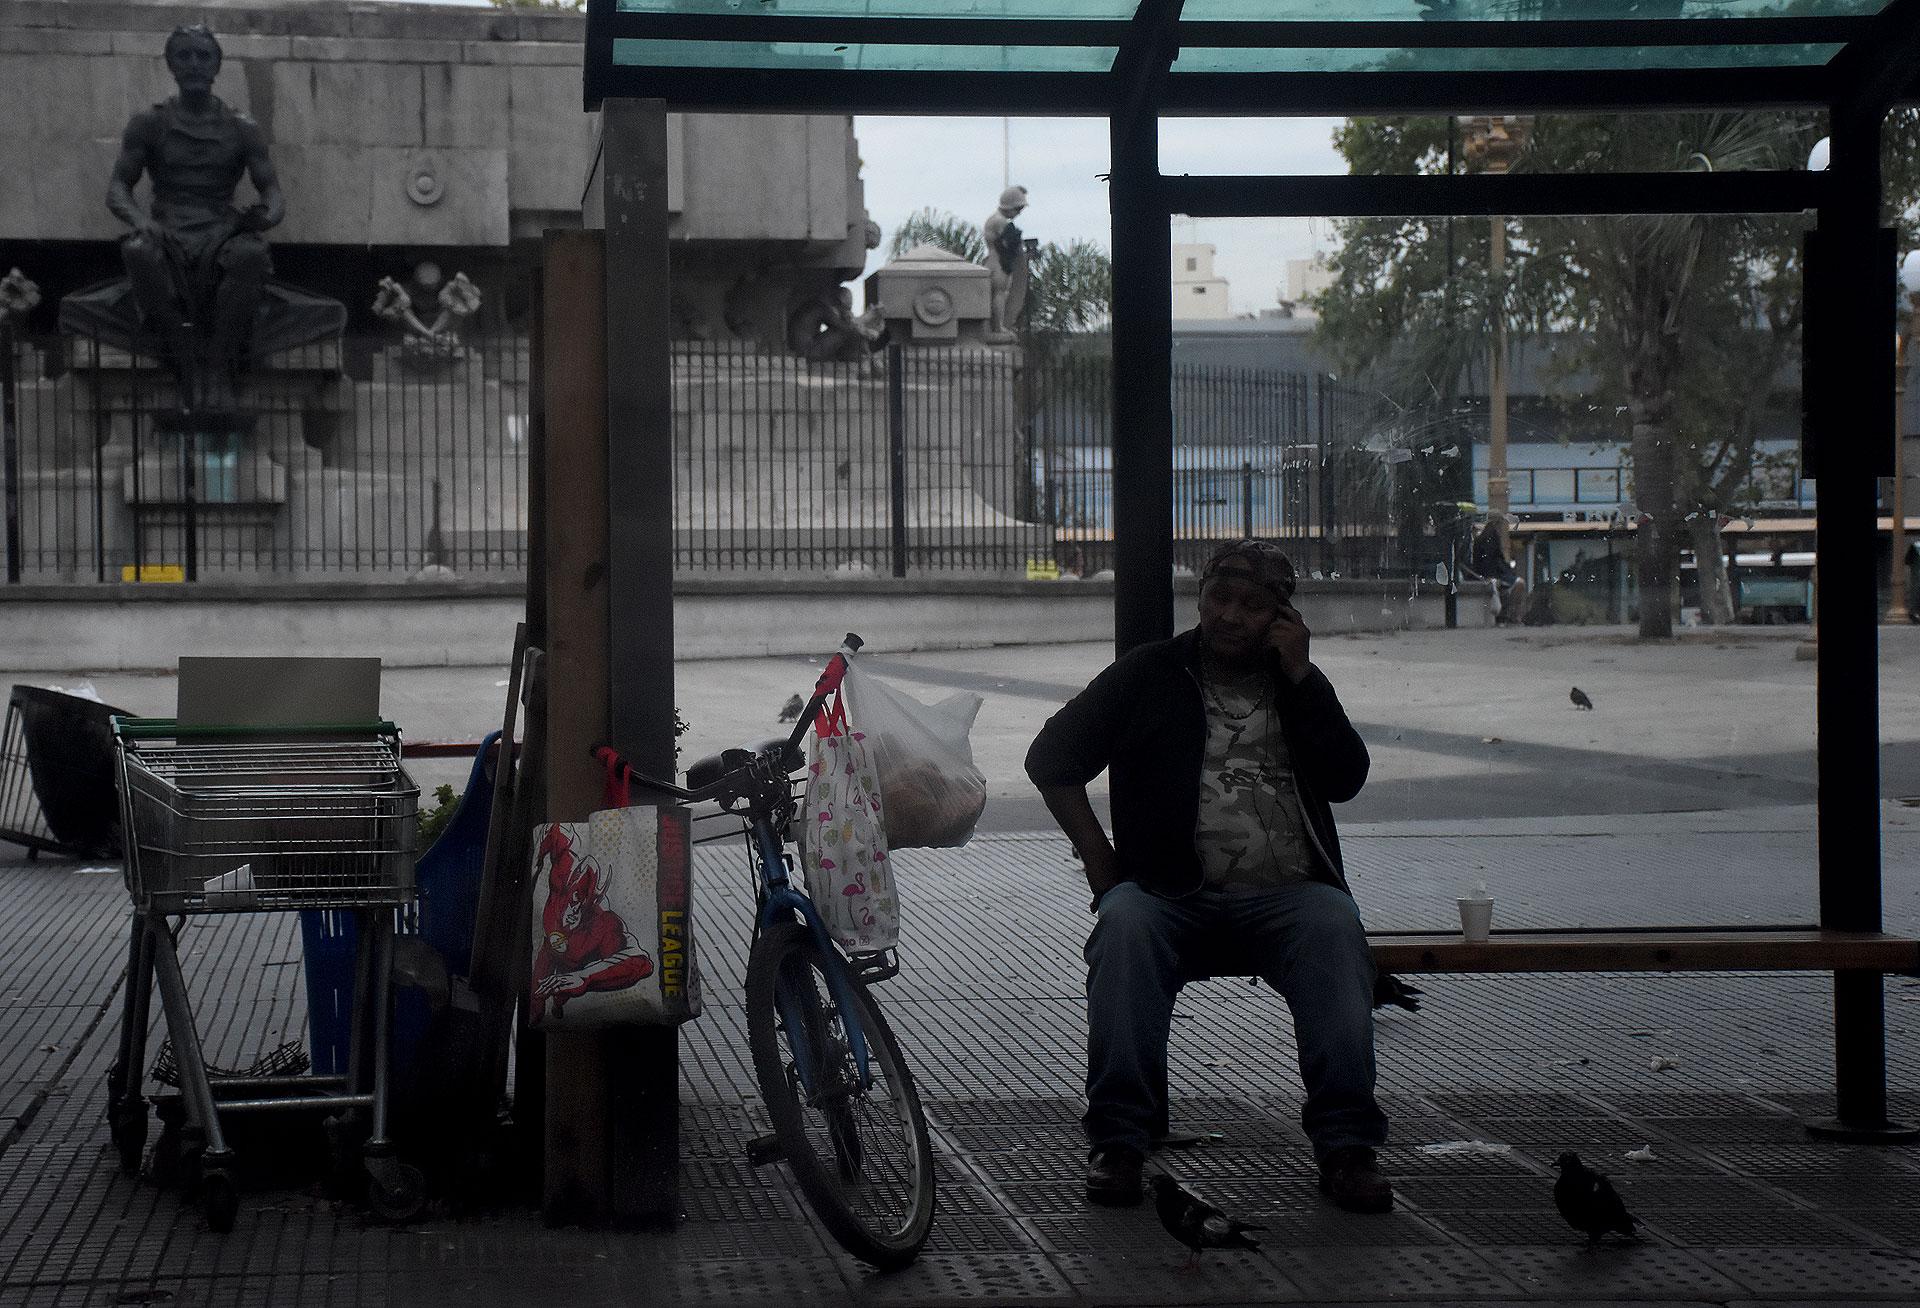 Días atrás, el juez Guillermo Scheibler ordenó al gobierno porteño que informe todos los detalles sobre los protocolos, testeos, vacunaciones, alimentación y seguimiento de paradores de personas en situación de calle, en el contexto de la pandemia.